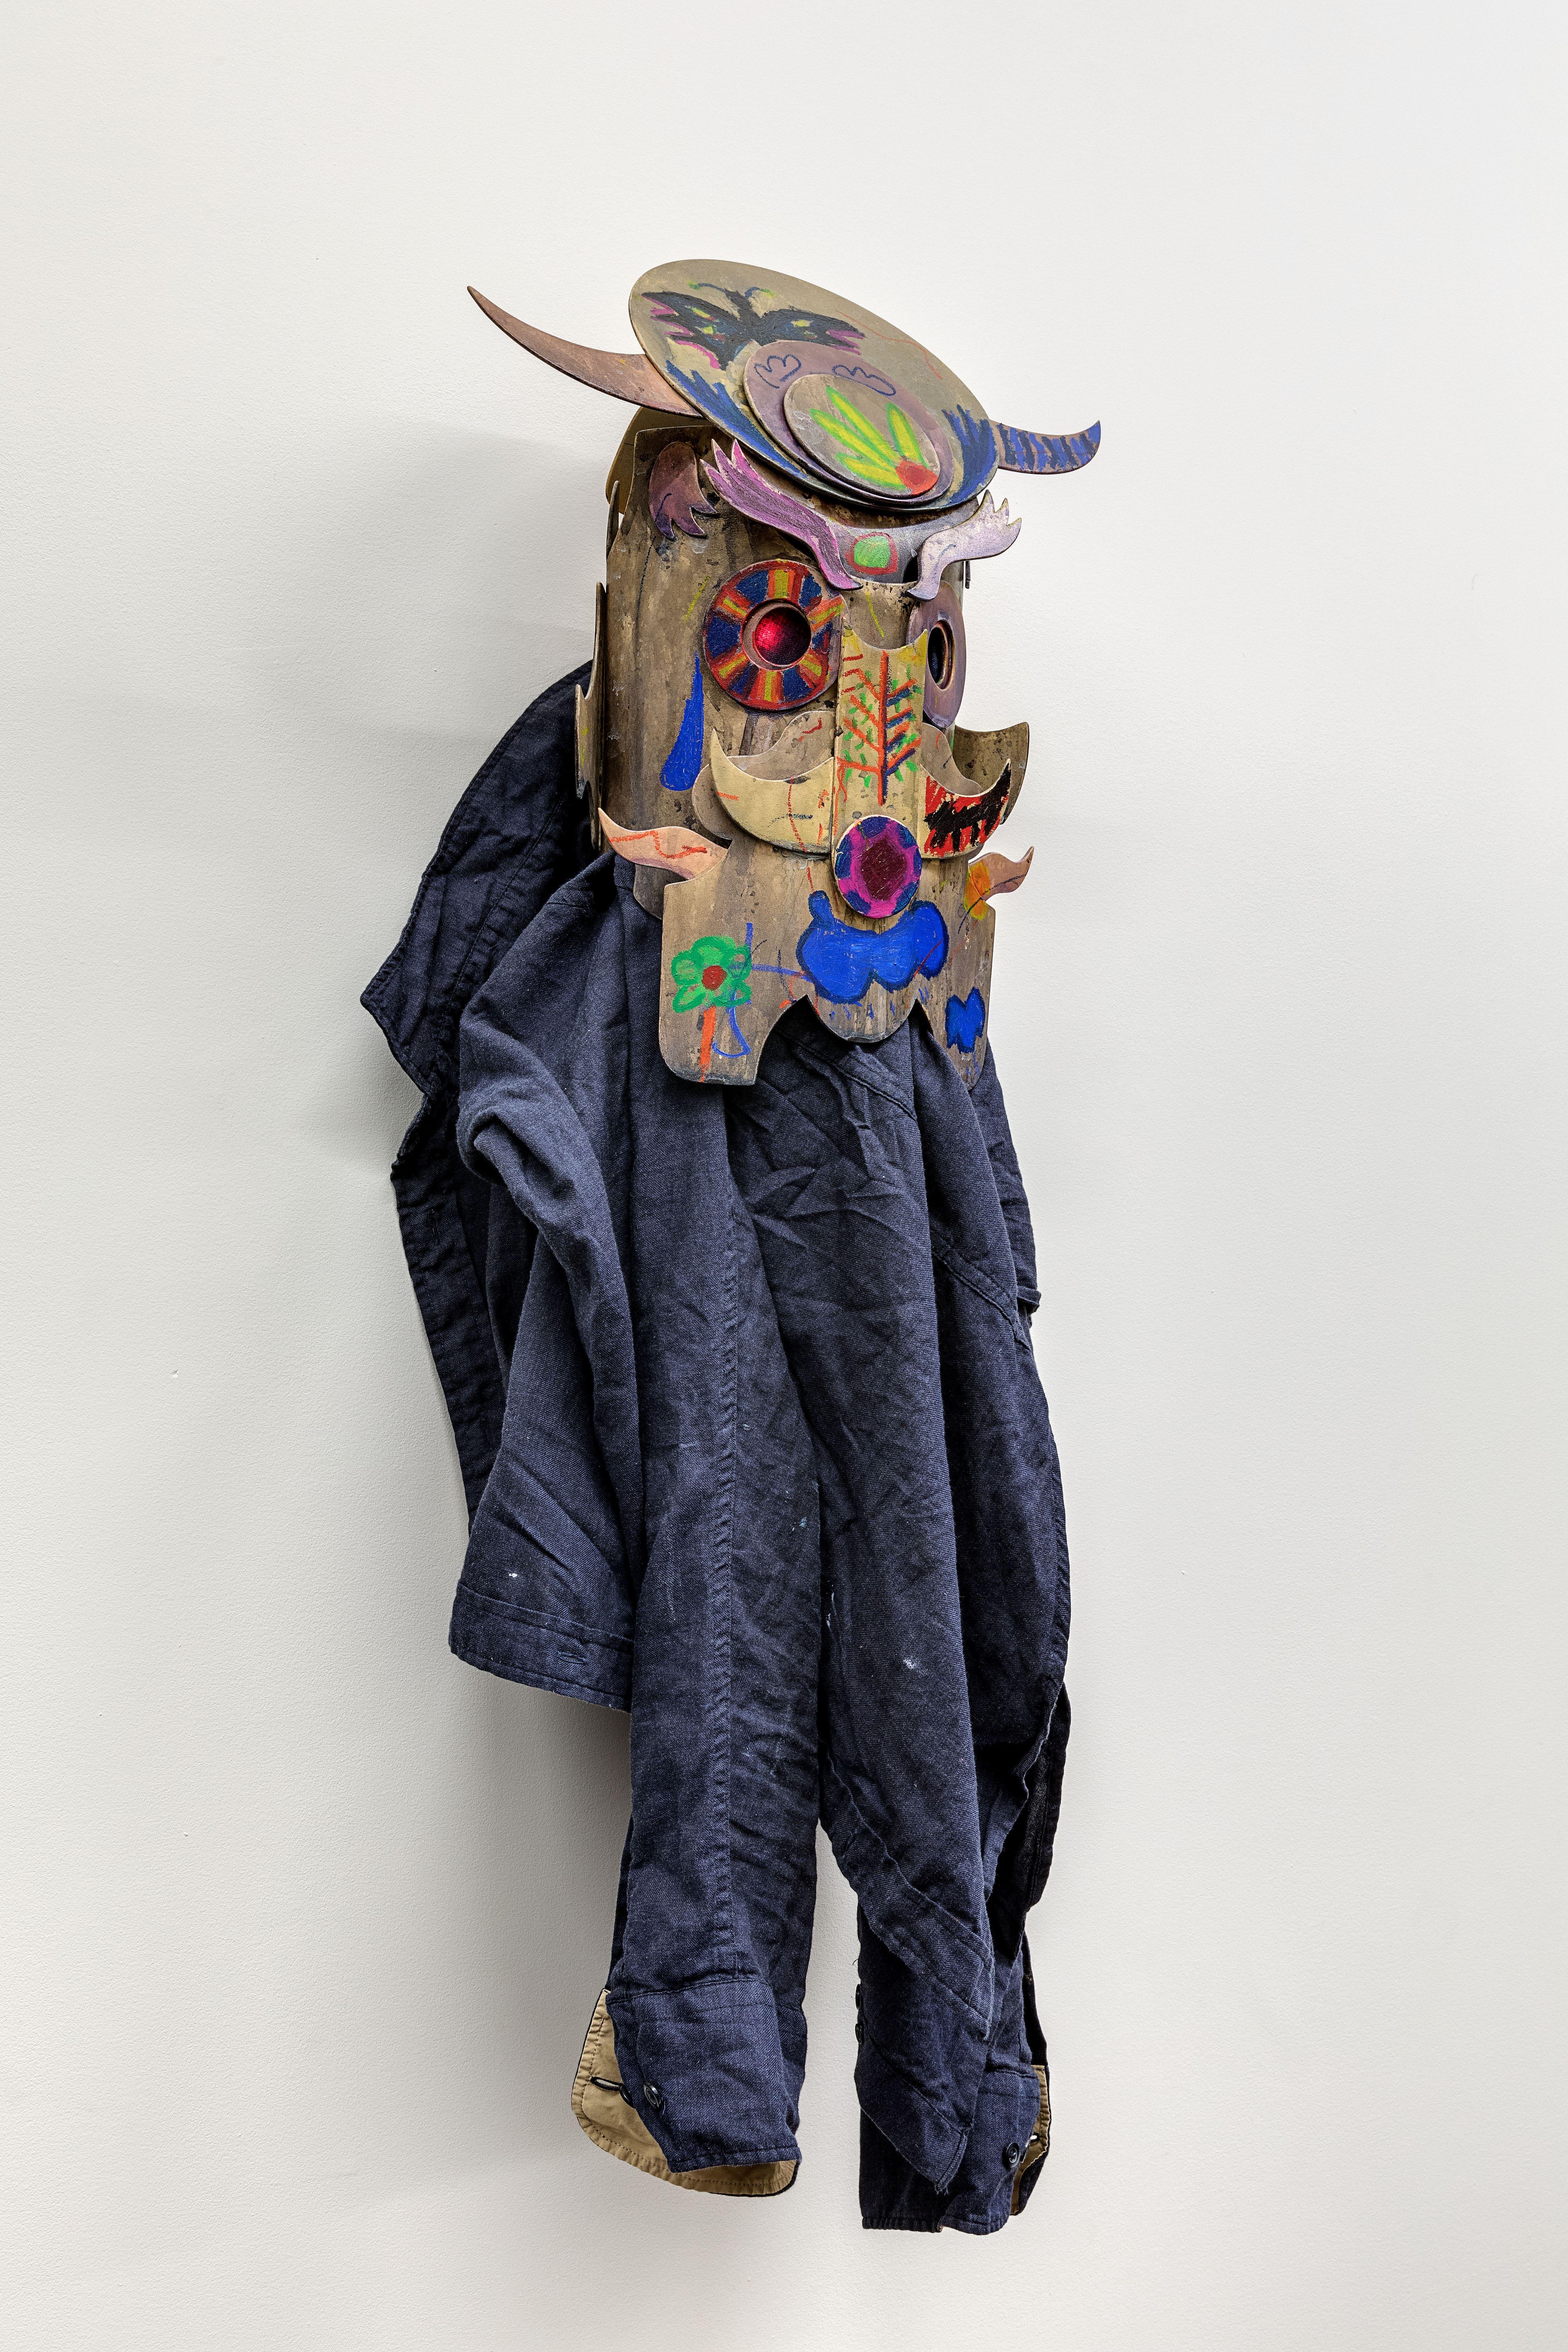 Matthieu Haberard, Insomnie les portes ouvertes, 2018